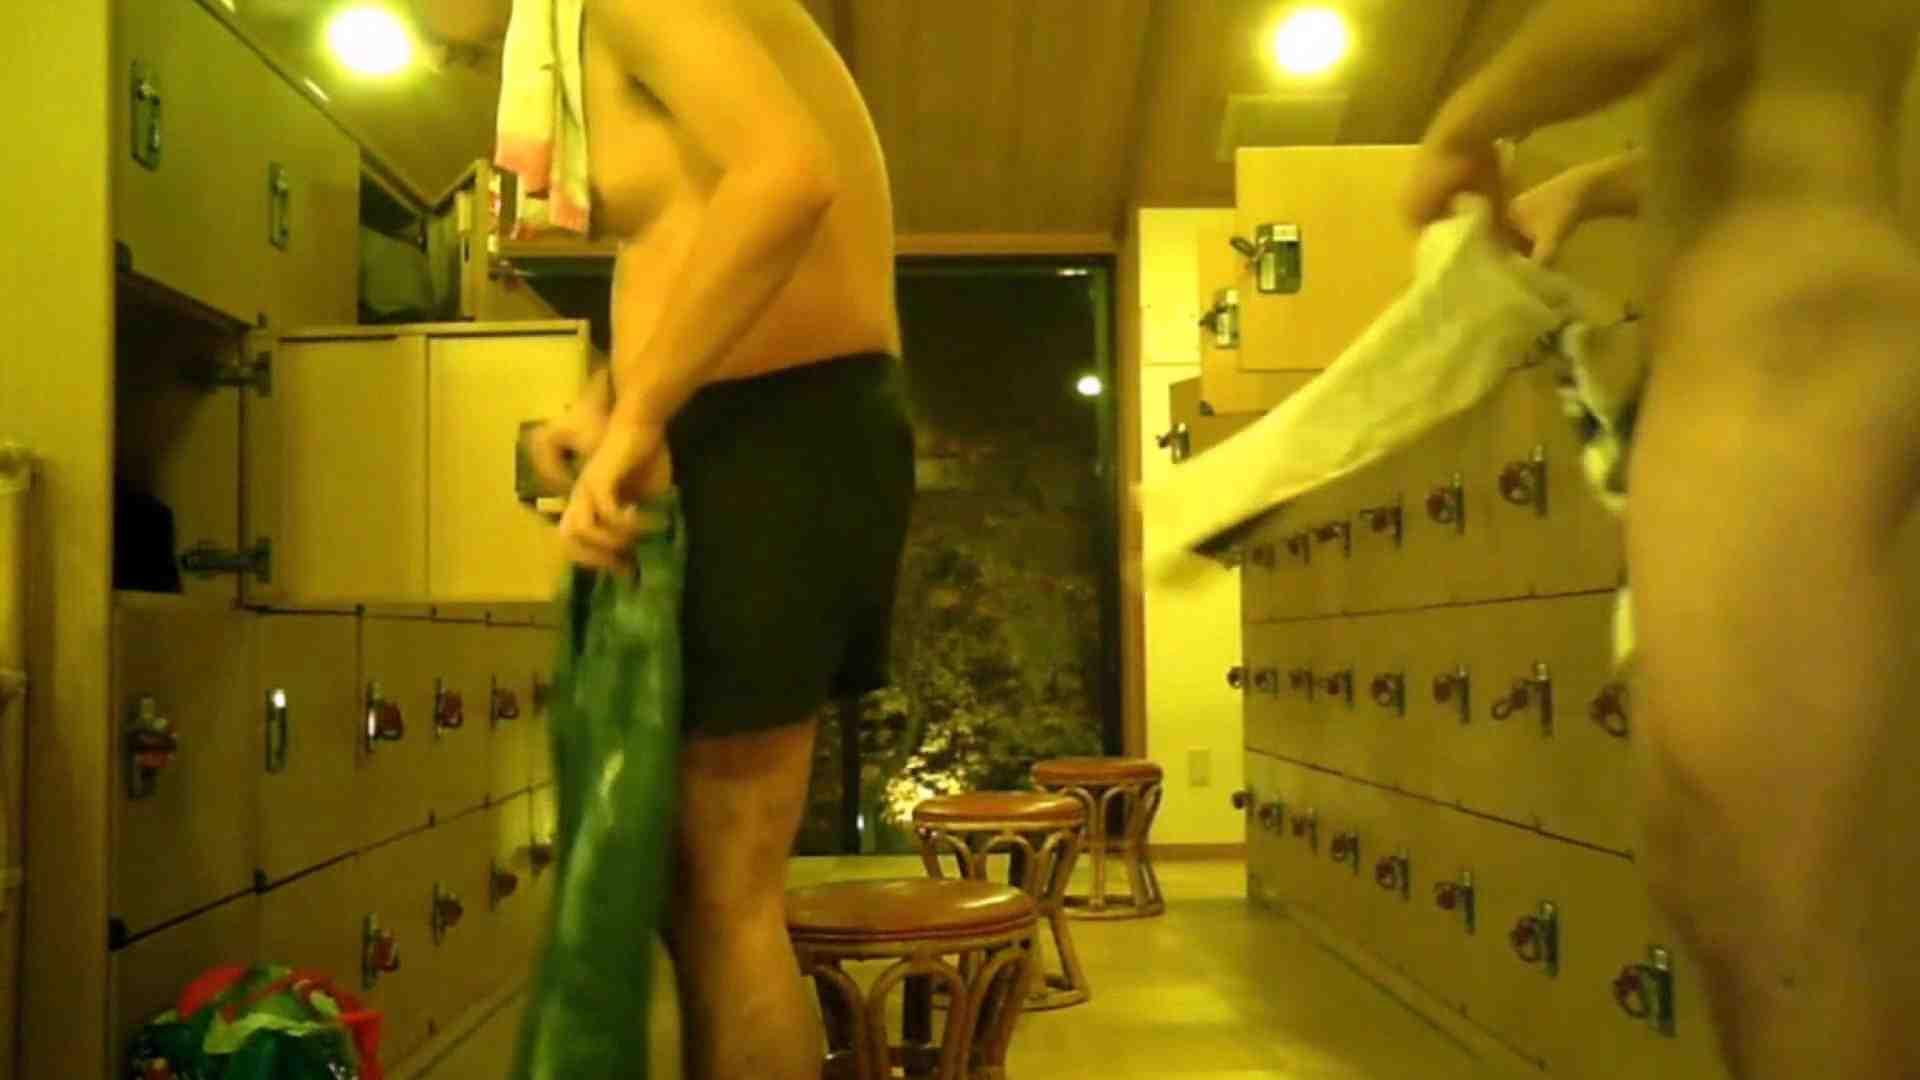 行くぜ!がっつり男風呂!Vol.08 裸 | イケメンのsex  71pic 49